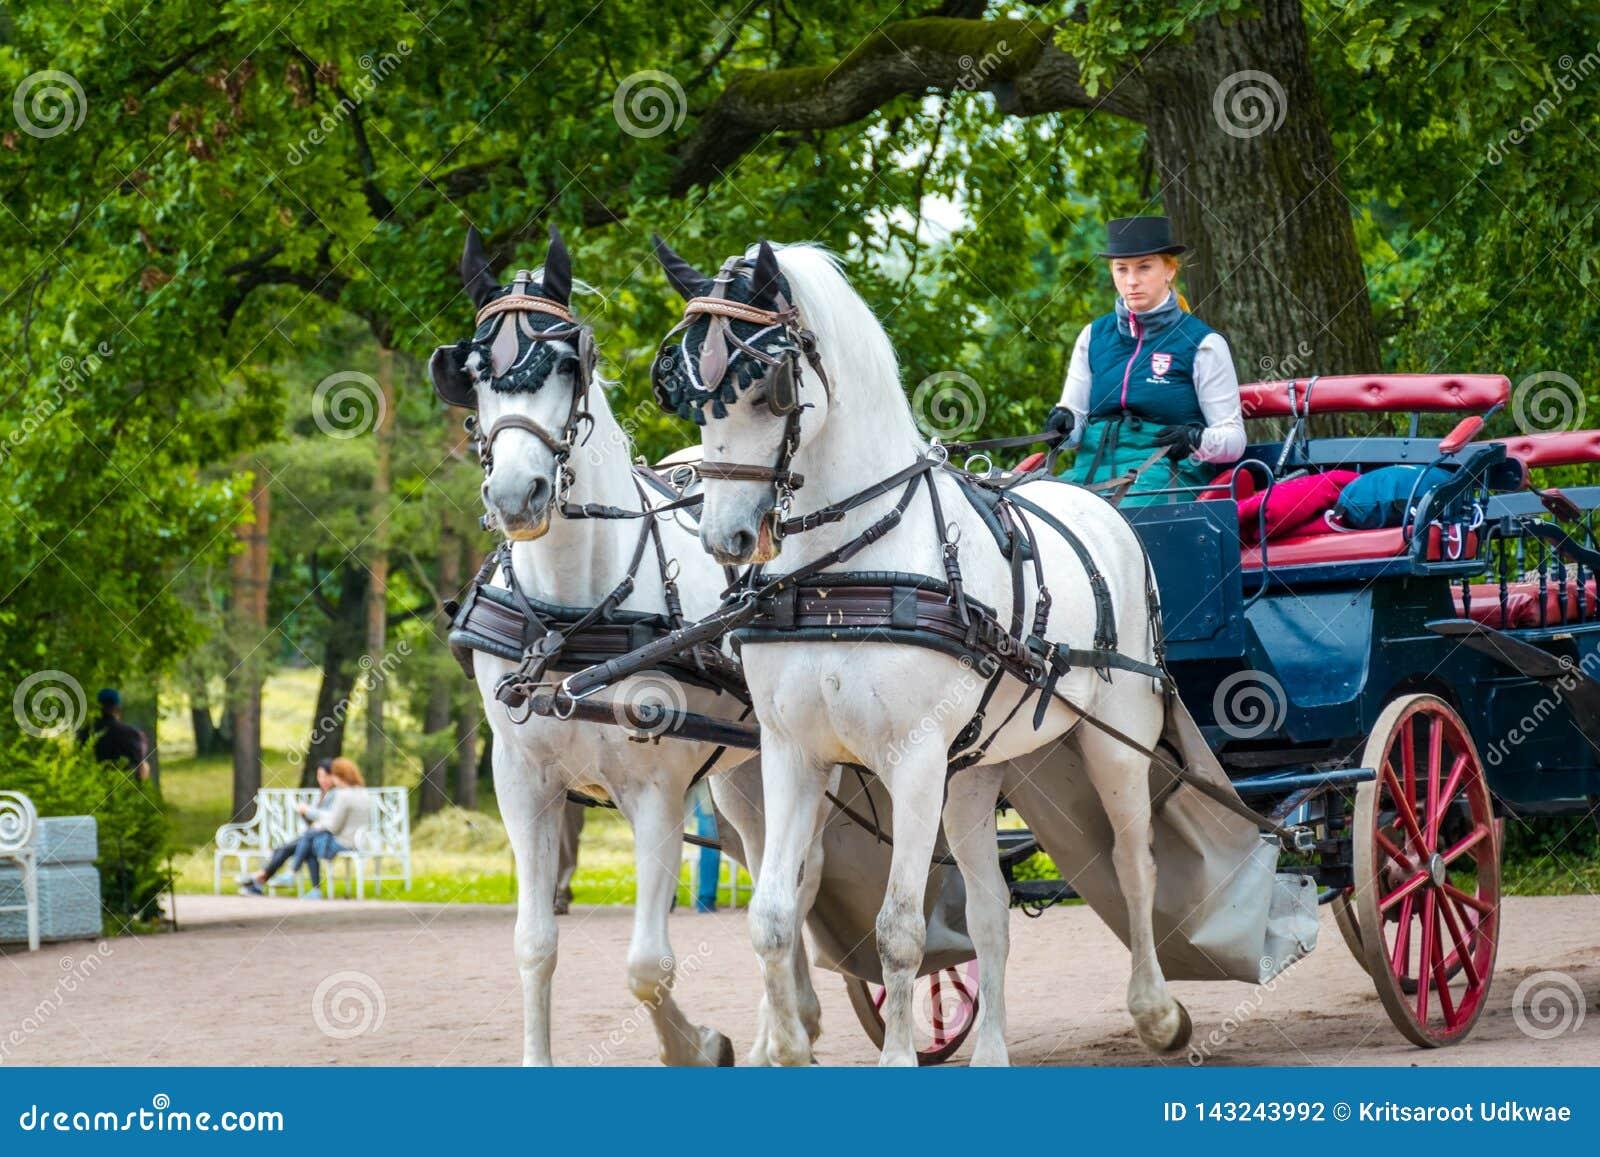 La donna guida il trasporto del cavallo a Catherine Palace in San Pietroburgo, Russia